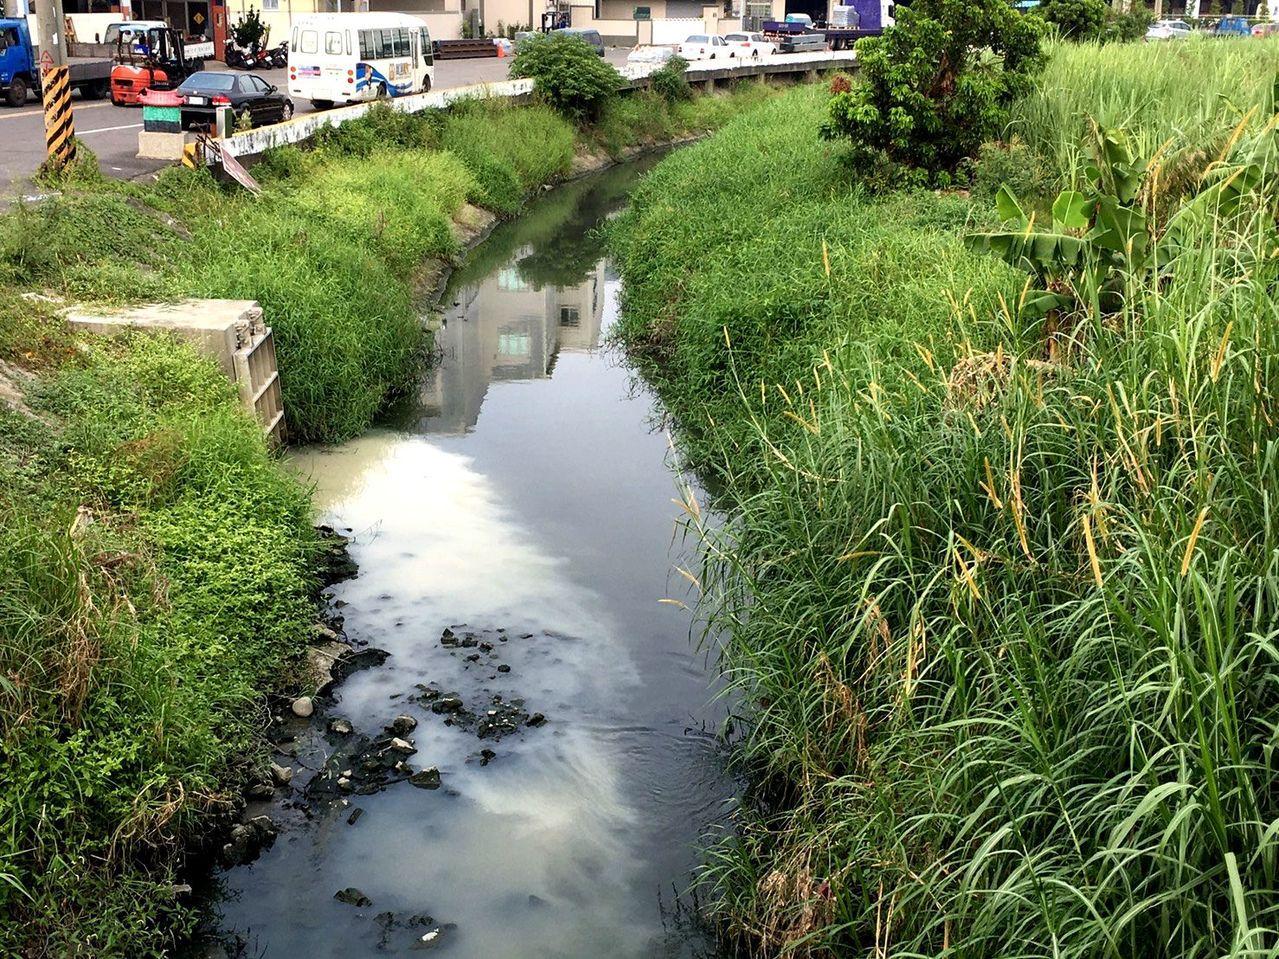 安南區總頭寮工業區業者排放混濁汙水,汙染嘉南大圳水質。圖/環保志工提供